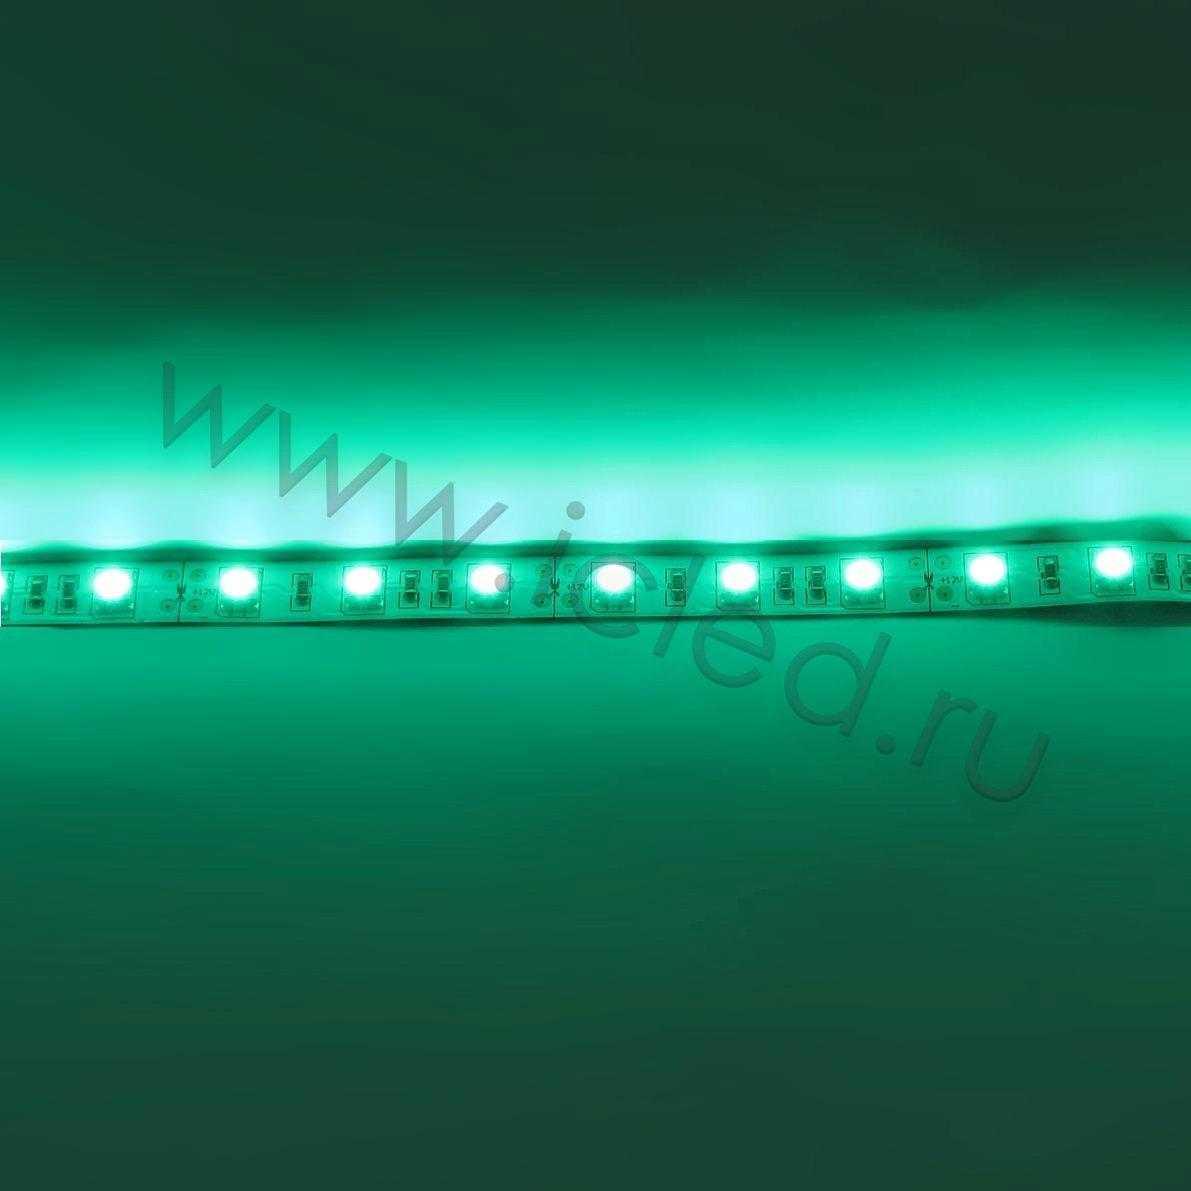 Светодиодная лента Class B, 5050, 60led/m, Green, 12V, IP33